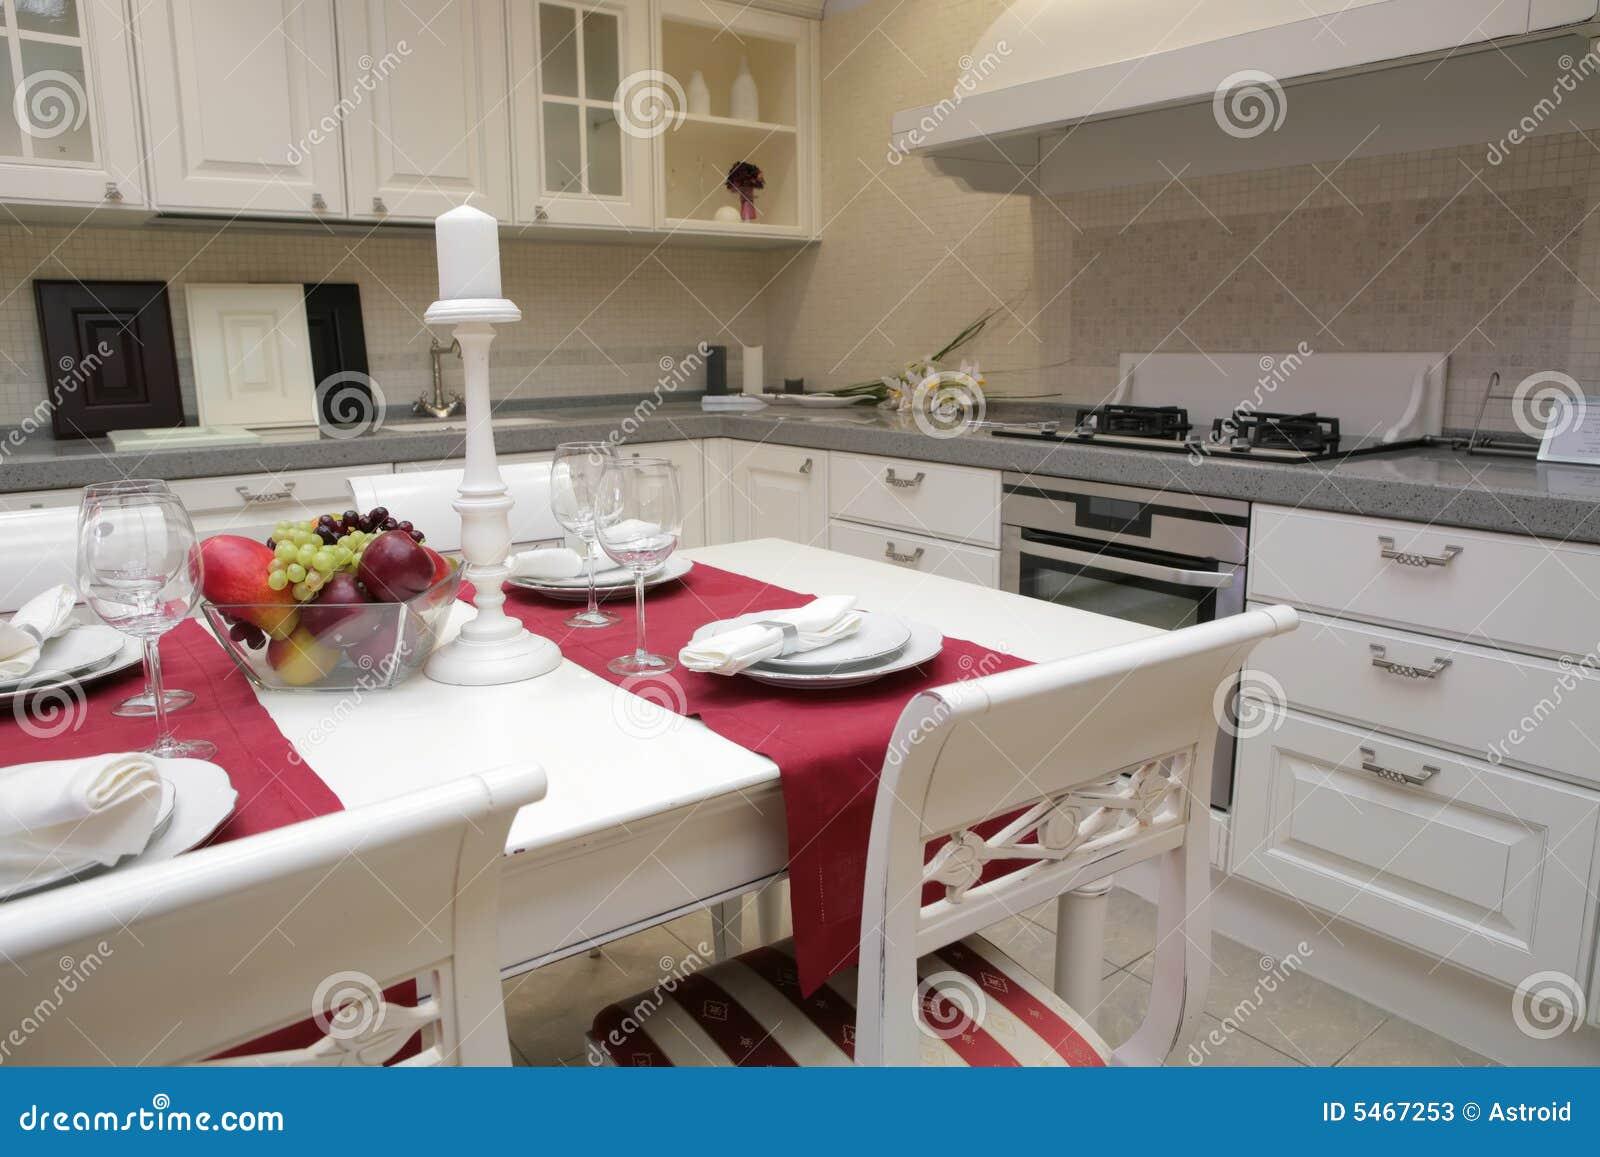 Cuisine moderne dans le type classique image stock image - Cuisine moderne dans l ancien ...